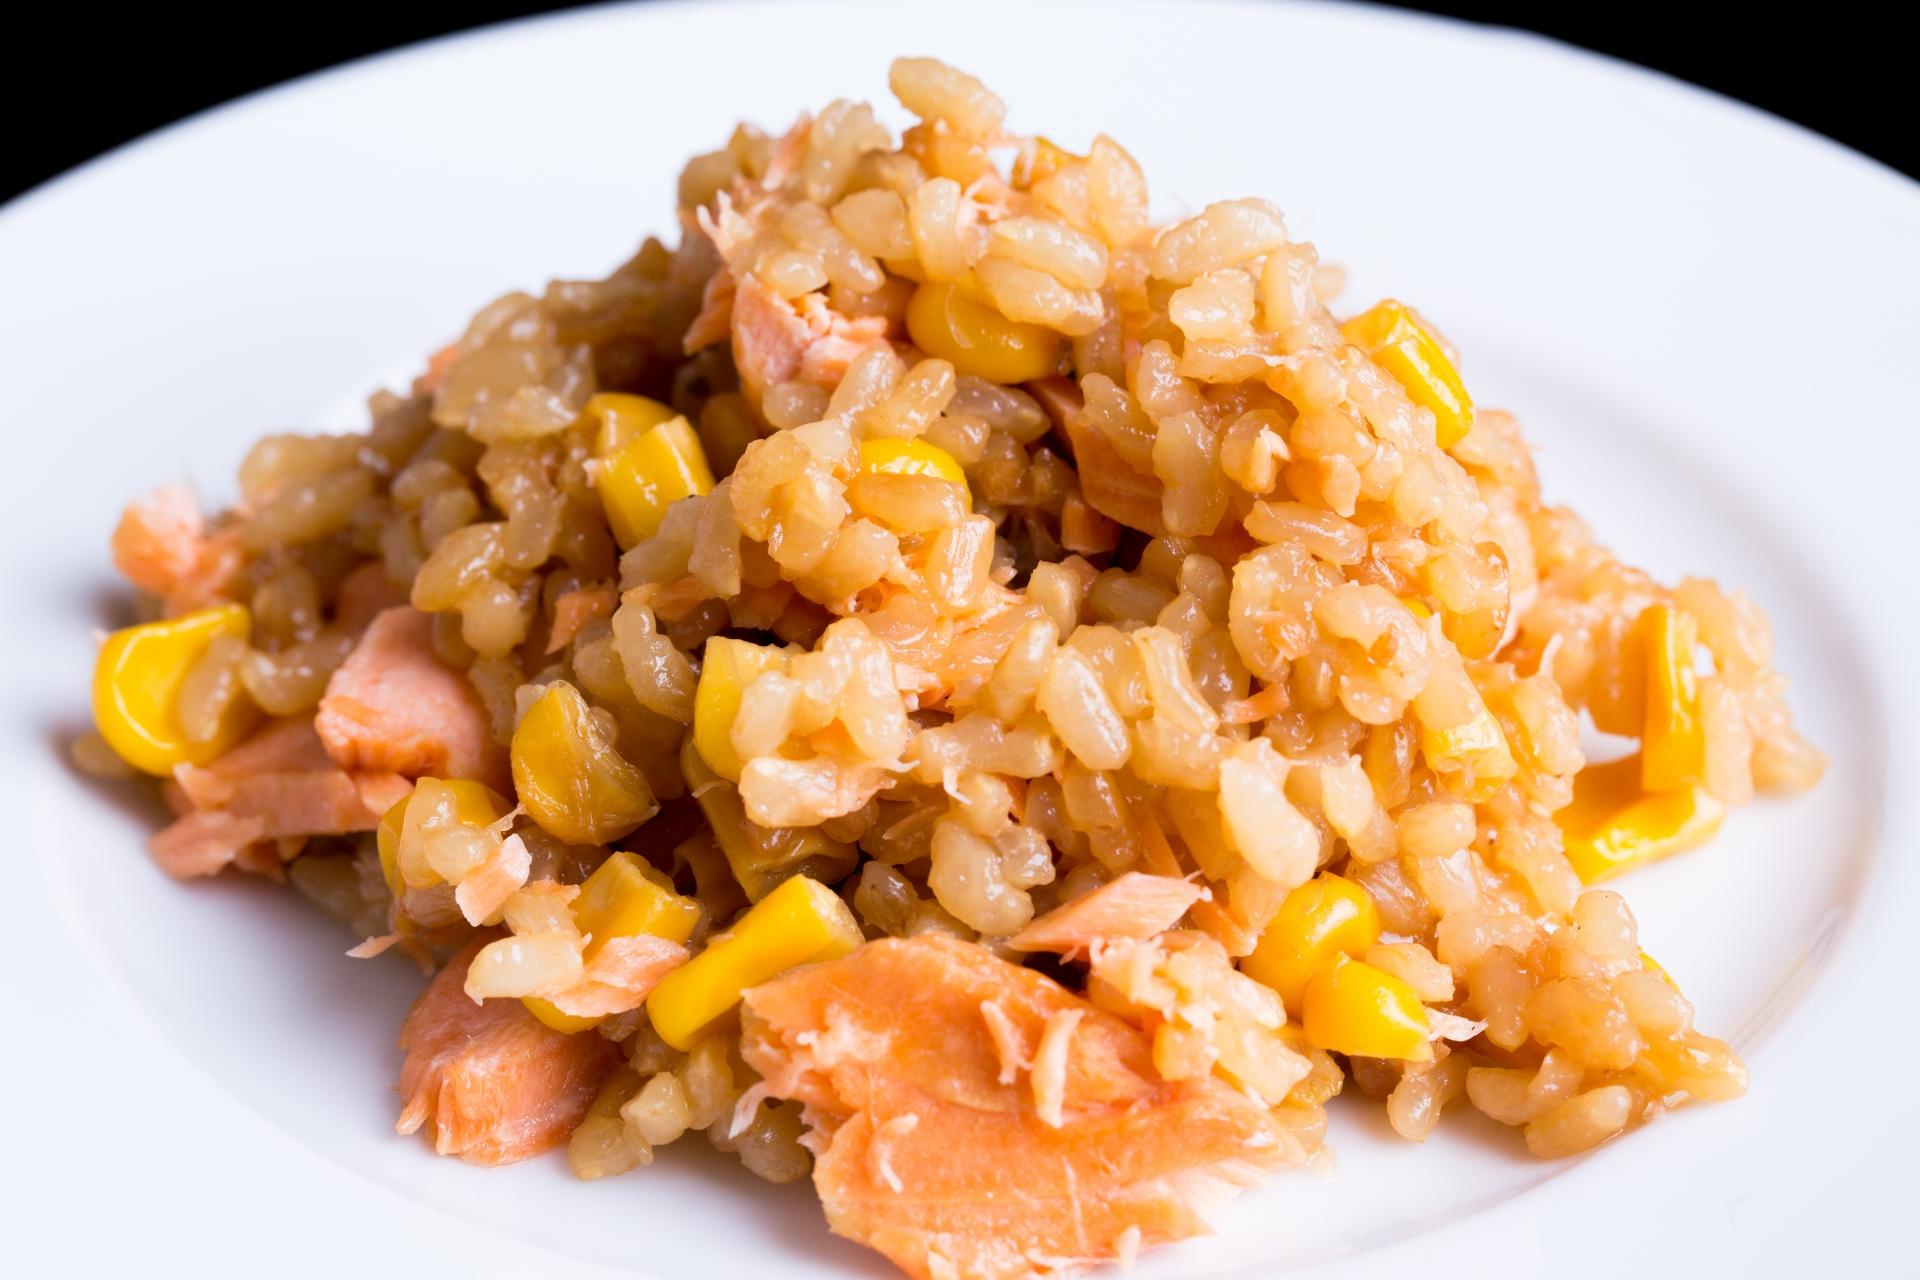 【ソレダメ】炊飯器サーモンチャーハンのレシピ|リュウジ【2月17日】